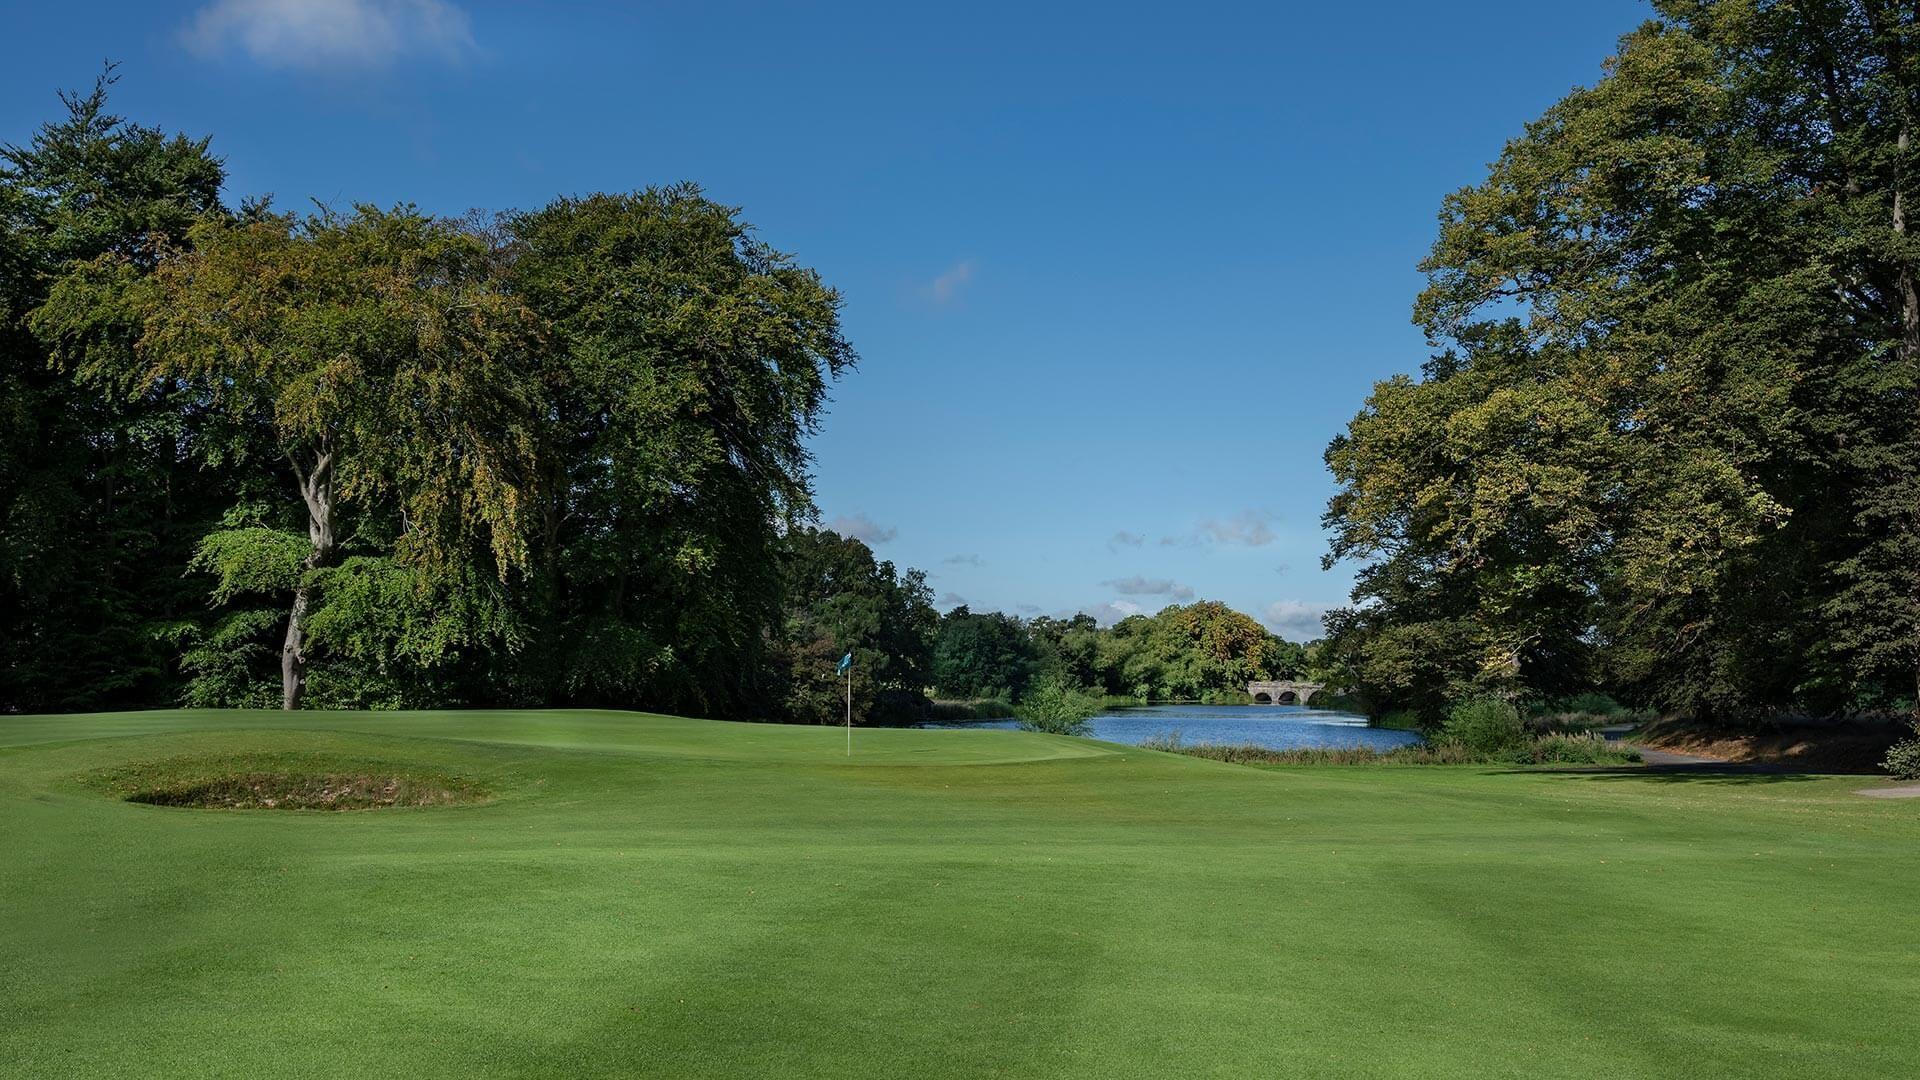 luttrellstown-golf-4-1920x1080.jpg